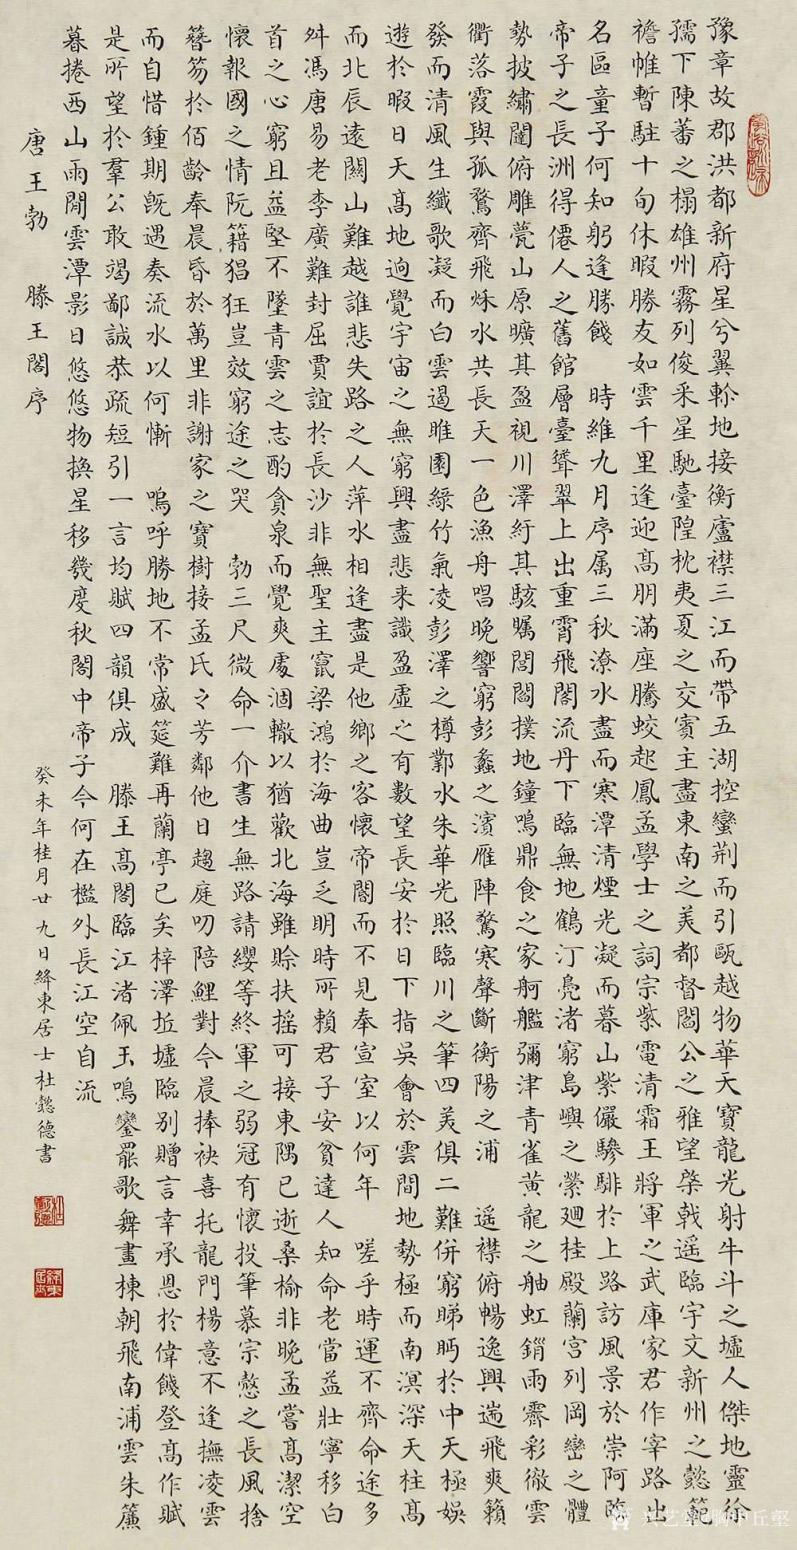 胸中丘壑书法作品《滕王阁序》【图0】